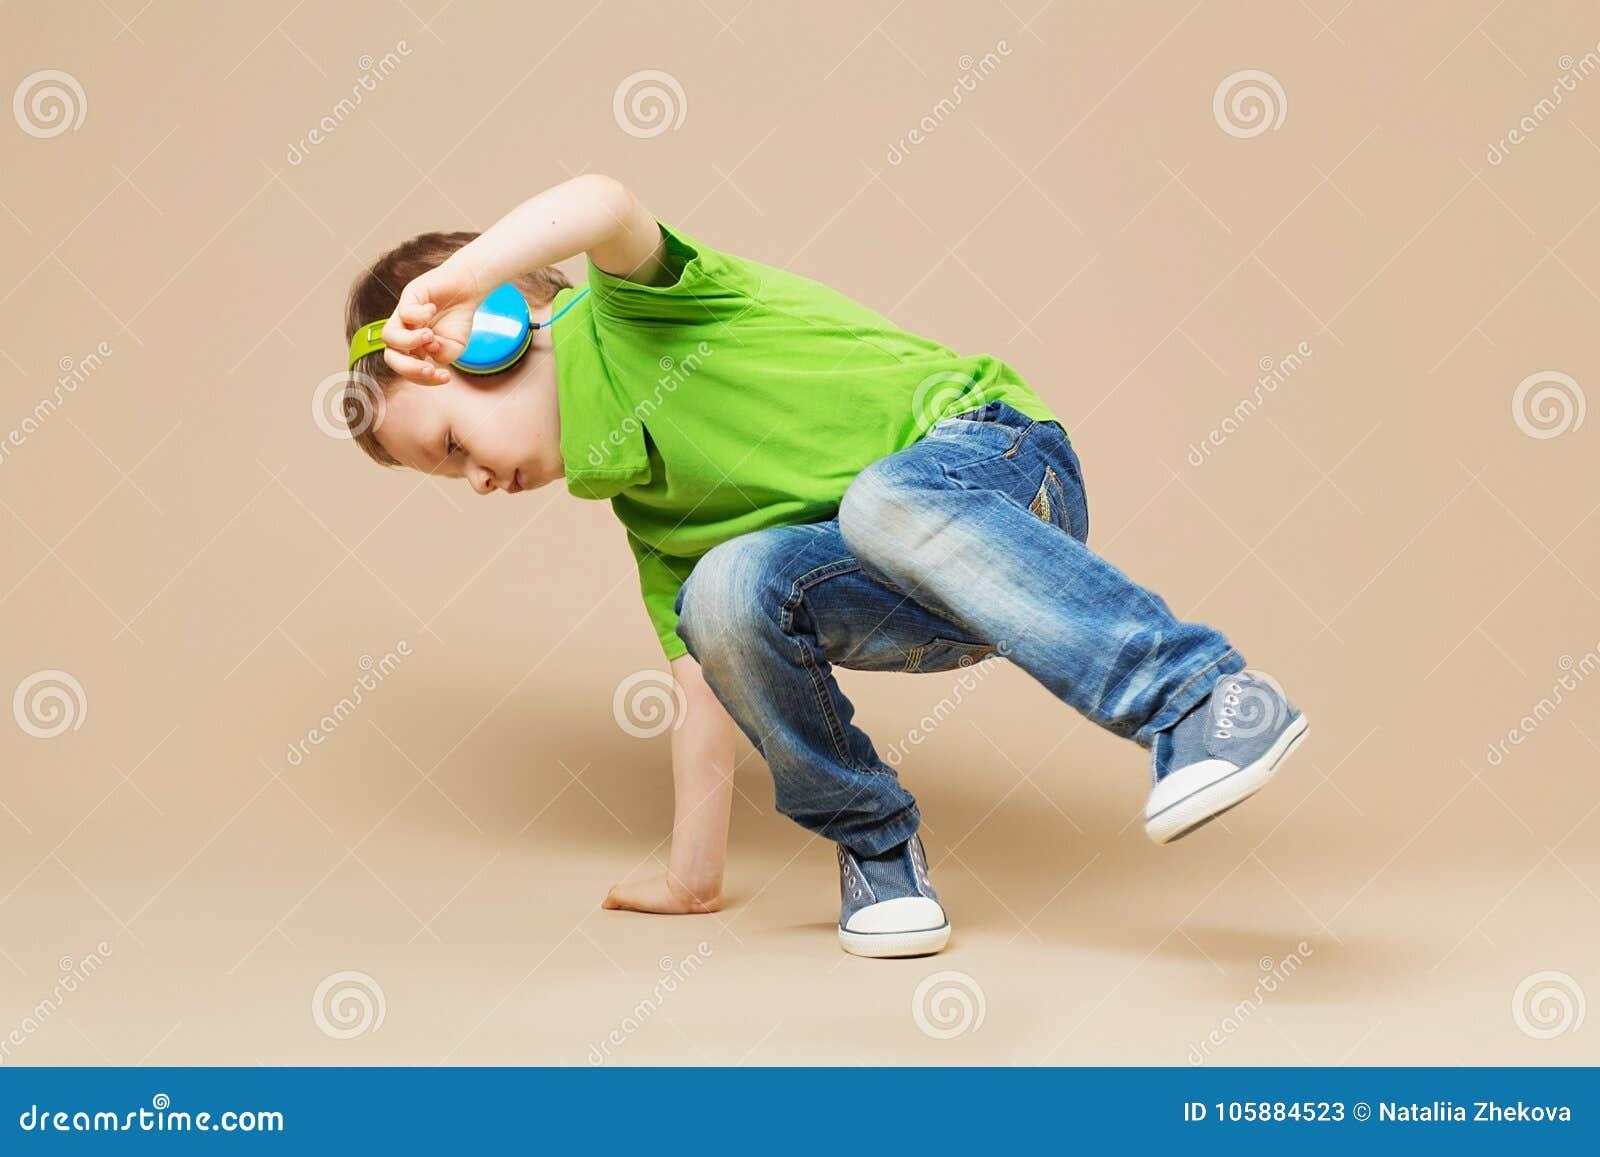 Breakdancekinder Tänzer der kleinen Pause, der seine Fähigkeiten im danc zeigt